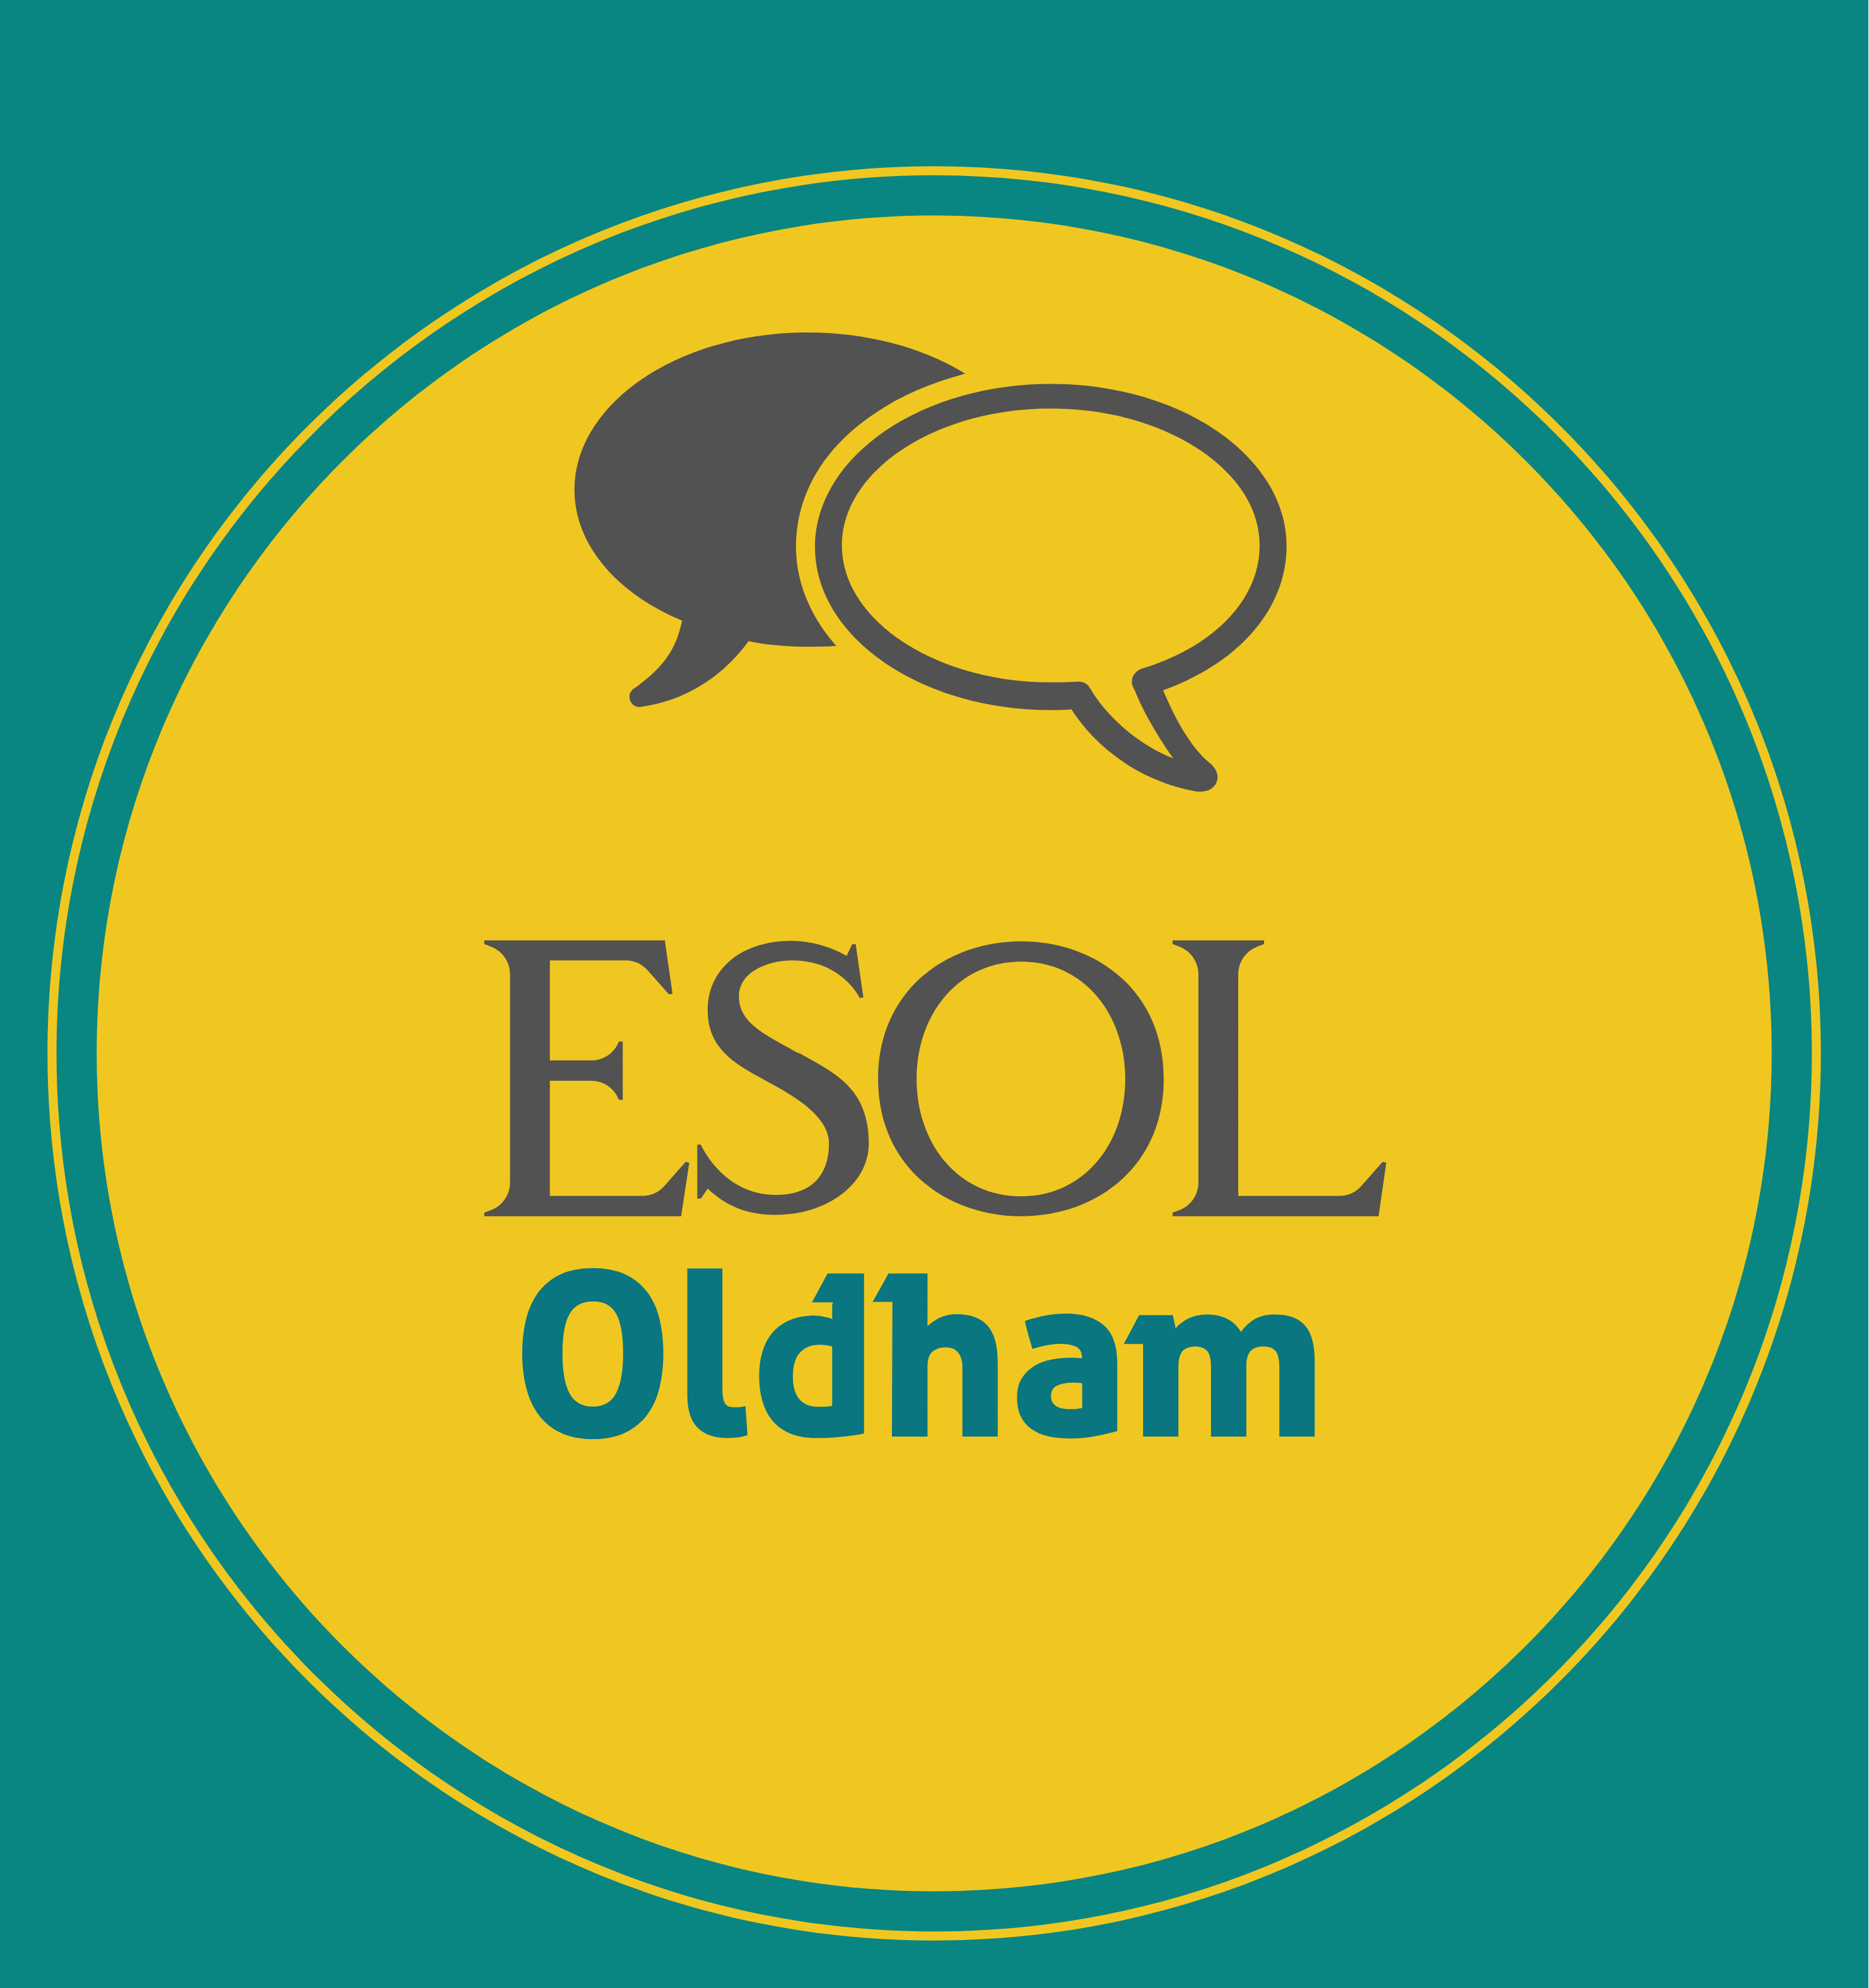 Oldham ESOL logo